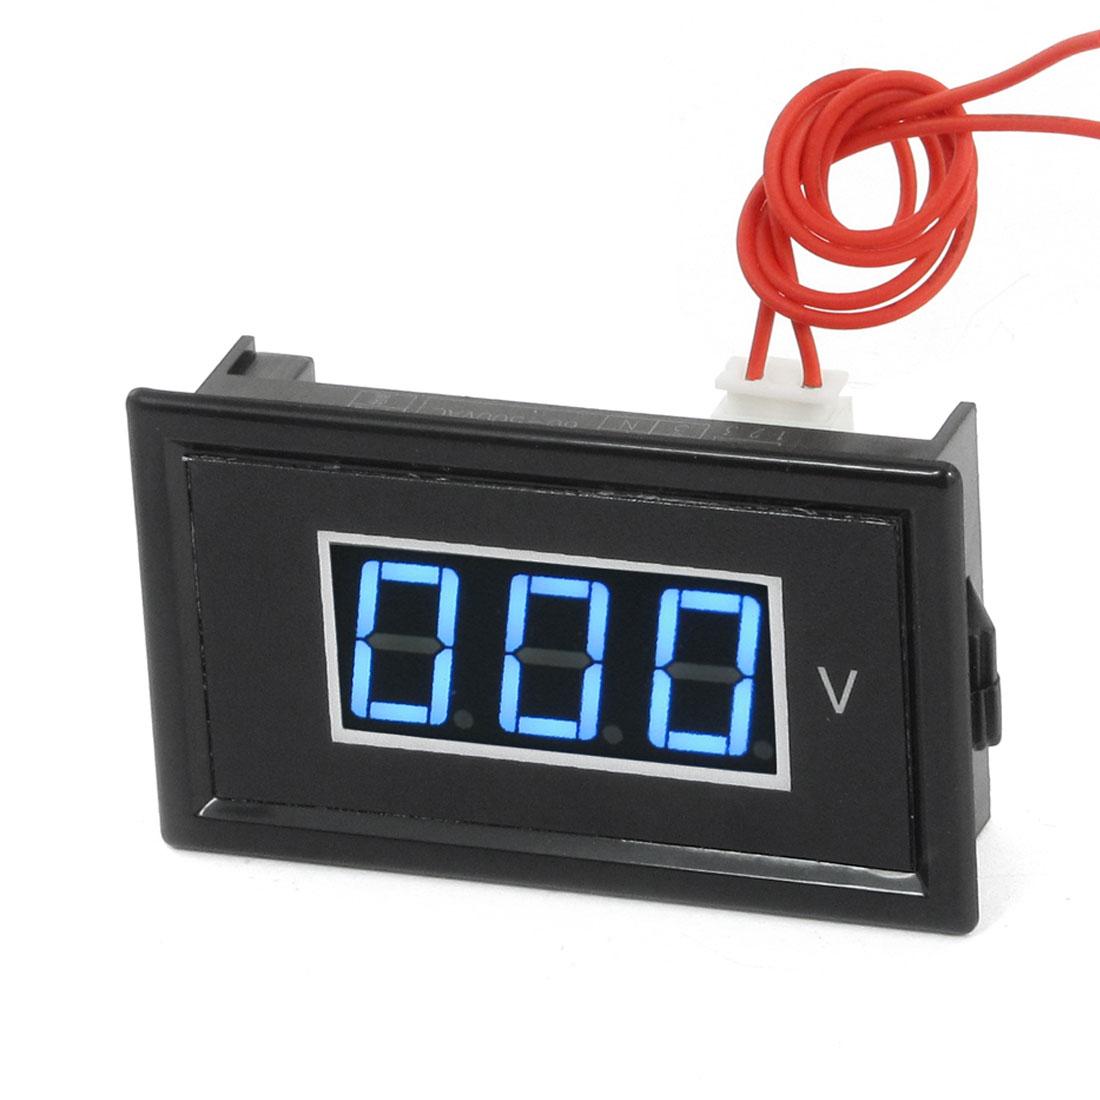 V85A Blue LED 3 Digital AC Voltmeter 75-300V w Fine Adjustable Black